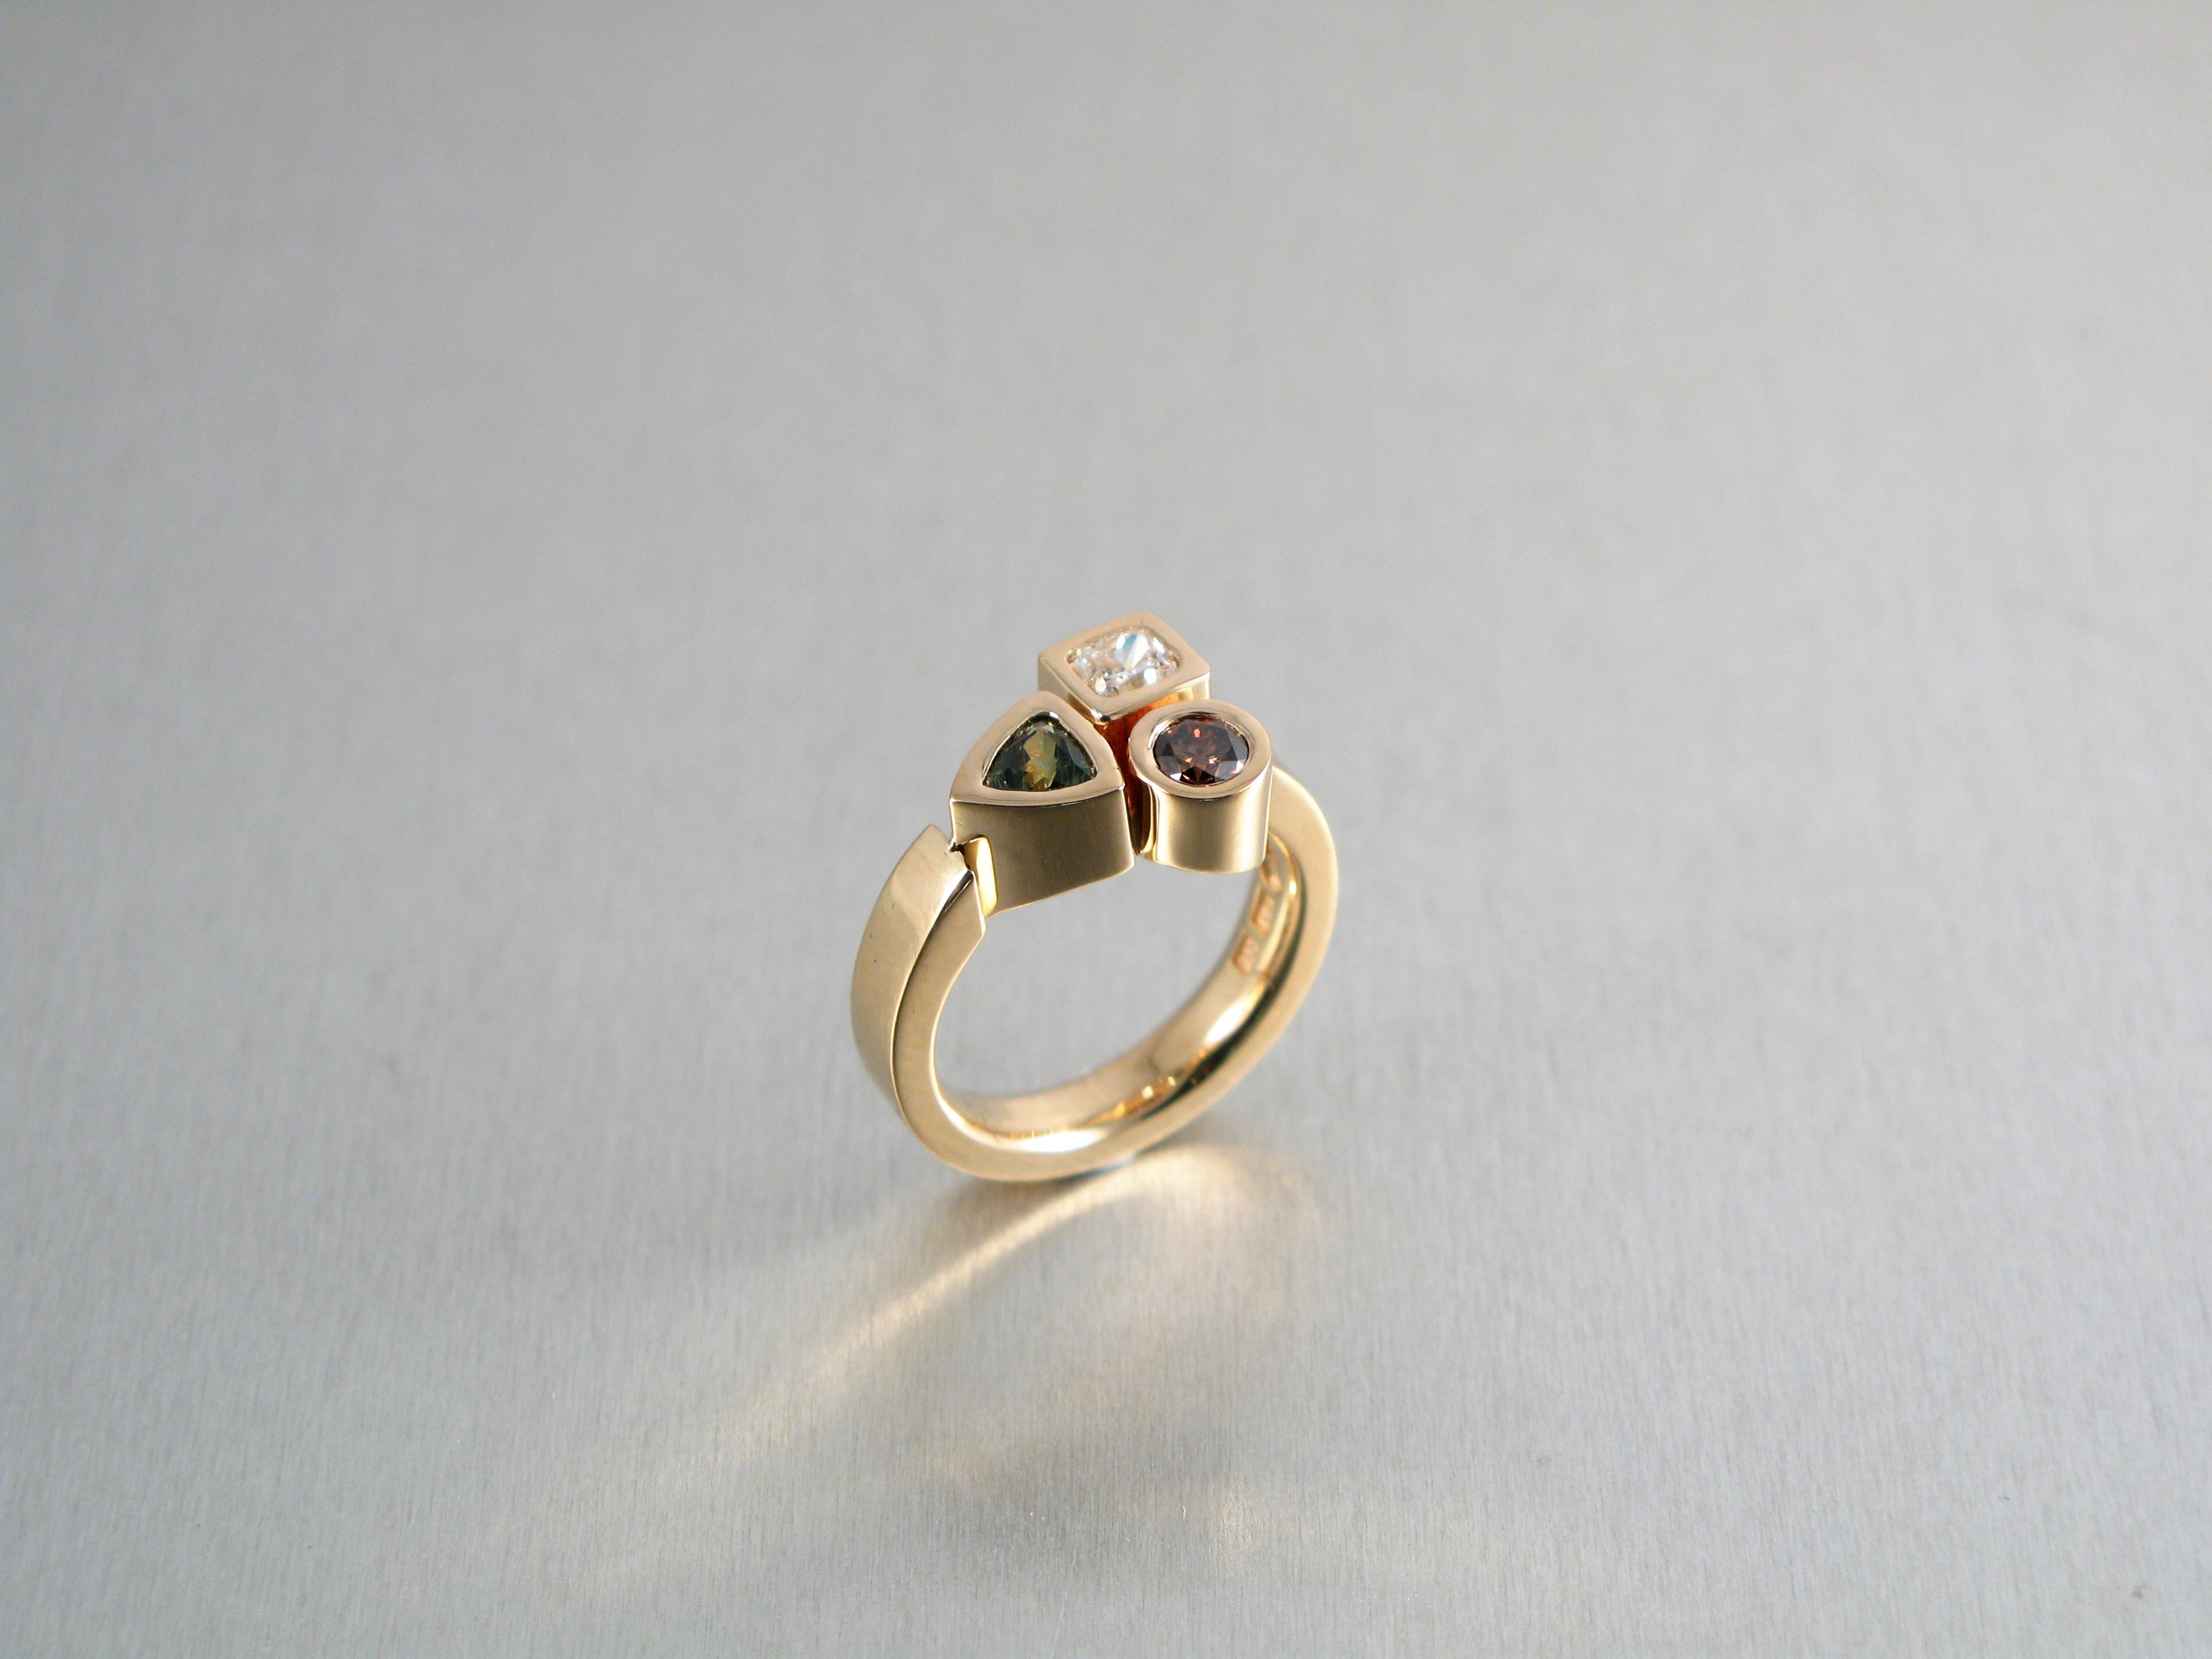 """Ring, """"Lådring"""", guld, diamant och safirer."""